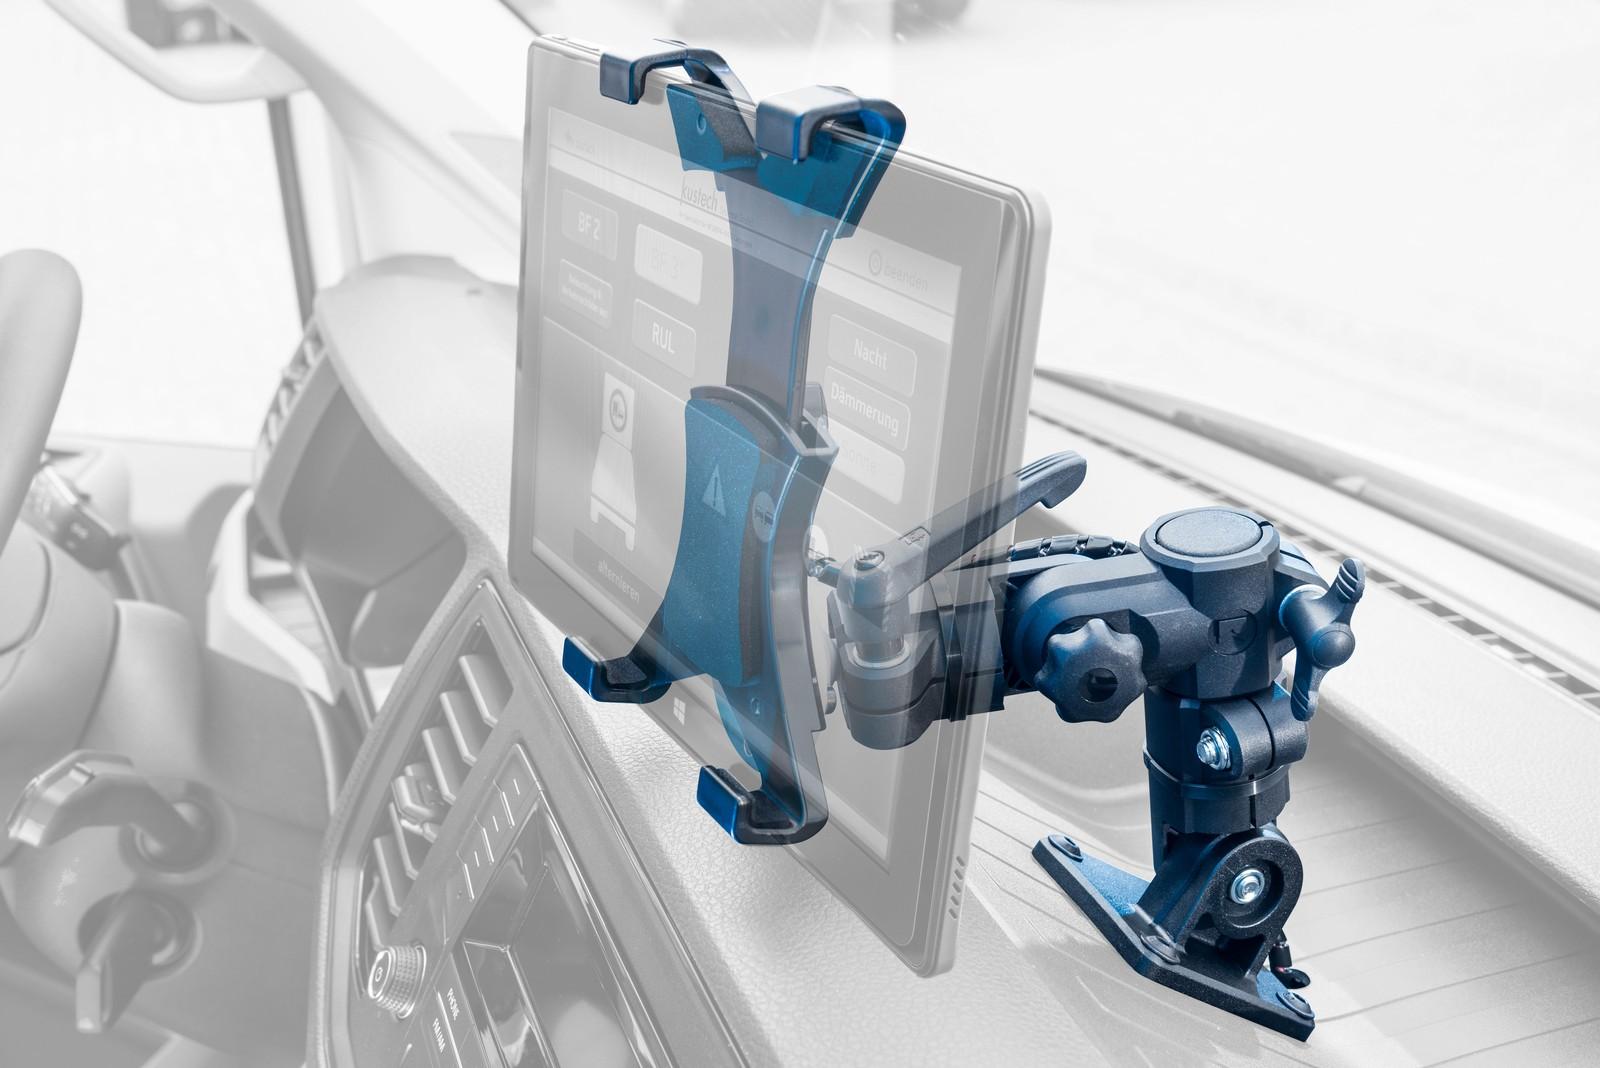 Speziell für den Einbau in Nutzfahrzeugen und mobile Maschinen aller Art entwickelte RK Rose+Krieger den vibrationssicheren Terminalhalter. Die flexible Bauweise ermöglicht die Integration in verschiedenste Umfelder.